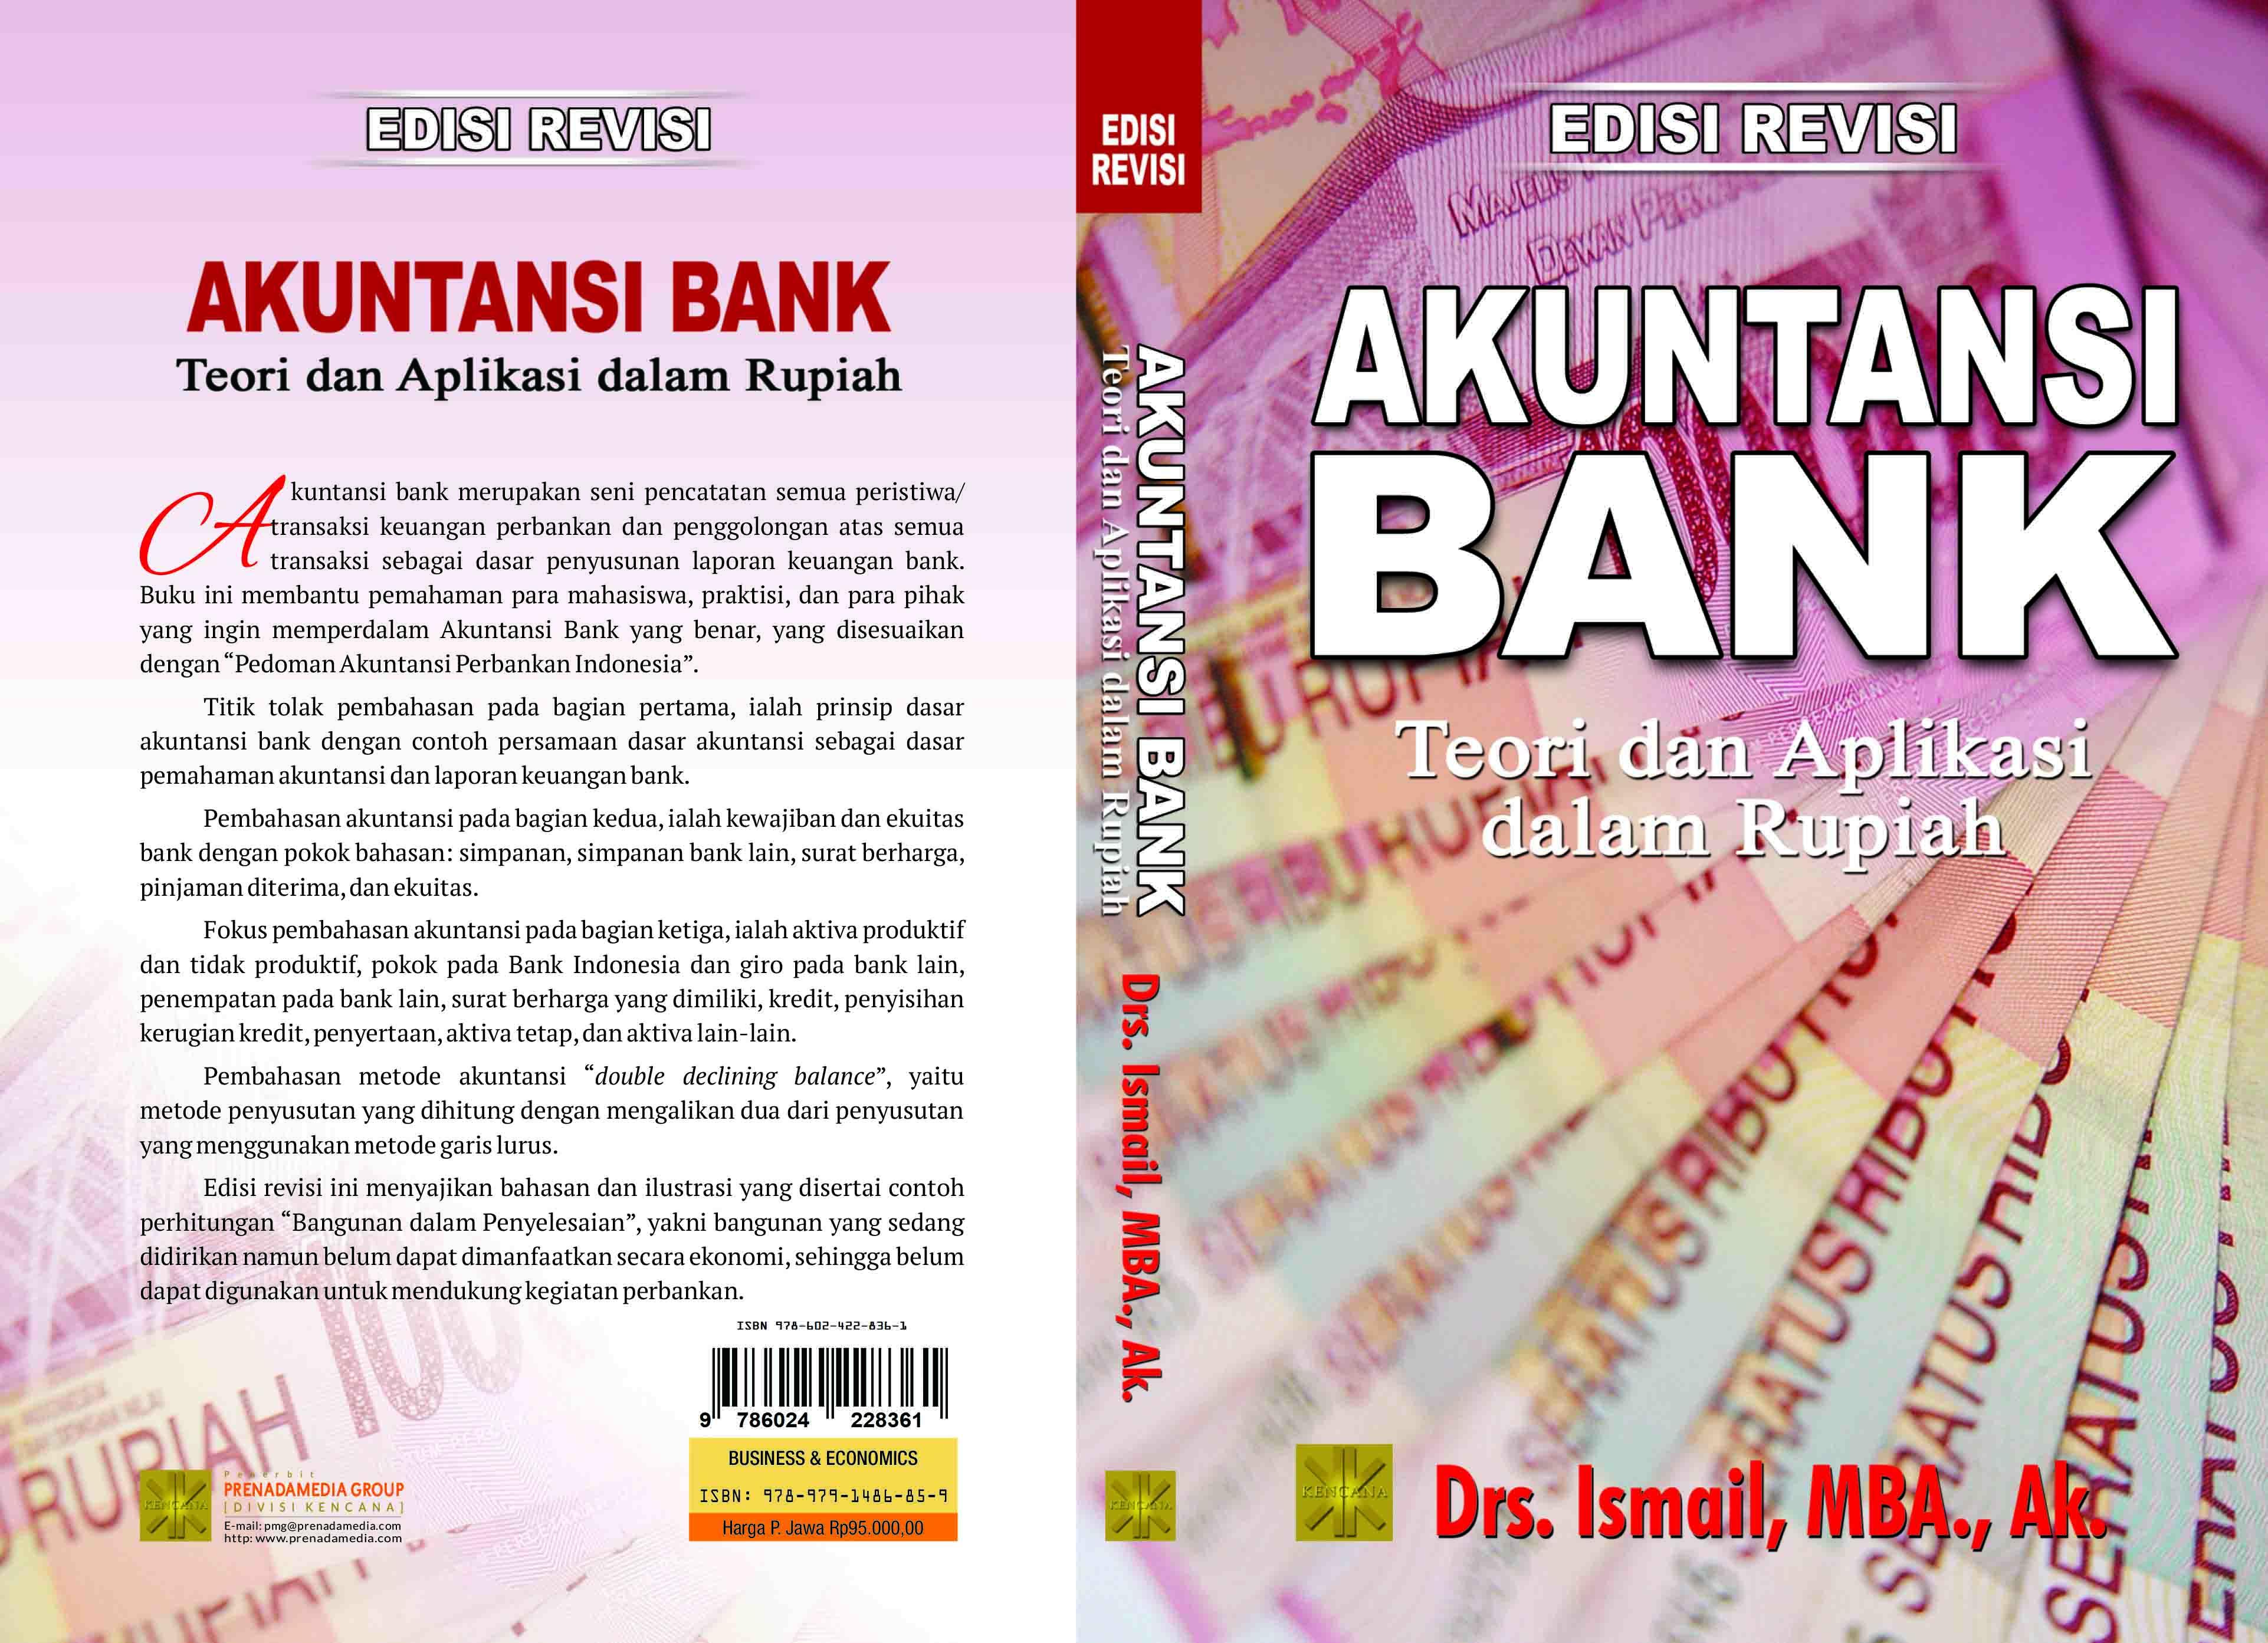 Akuntansi bank [sumber elektronis] : teori dan aplikasi dalam rupiah